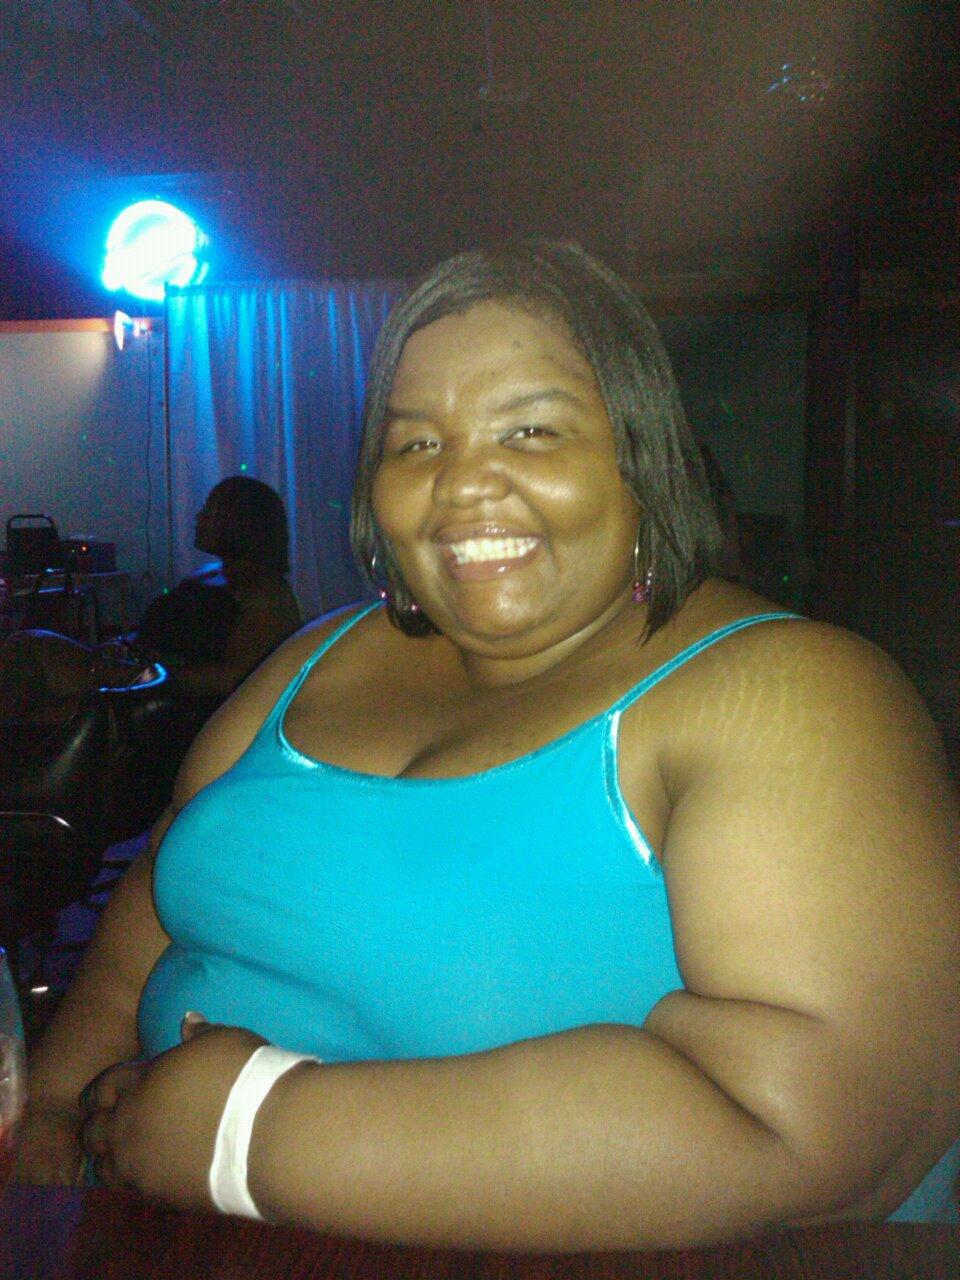 Enjoying Night out